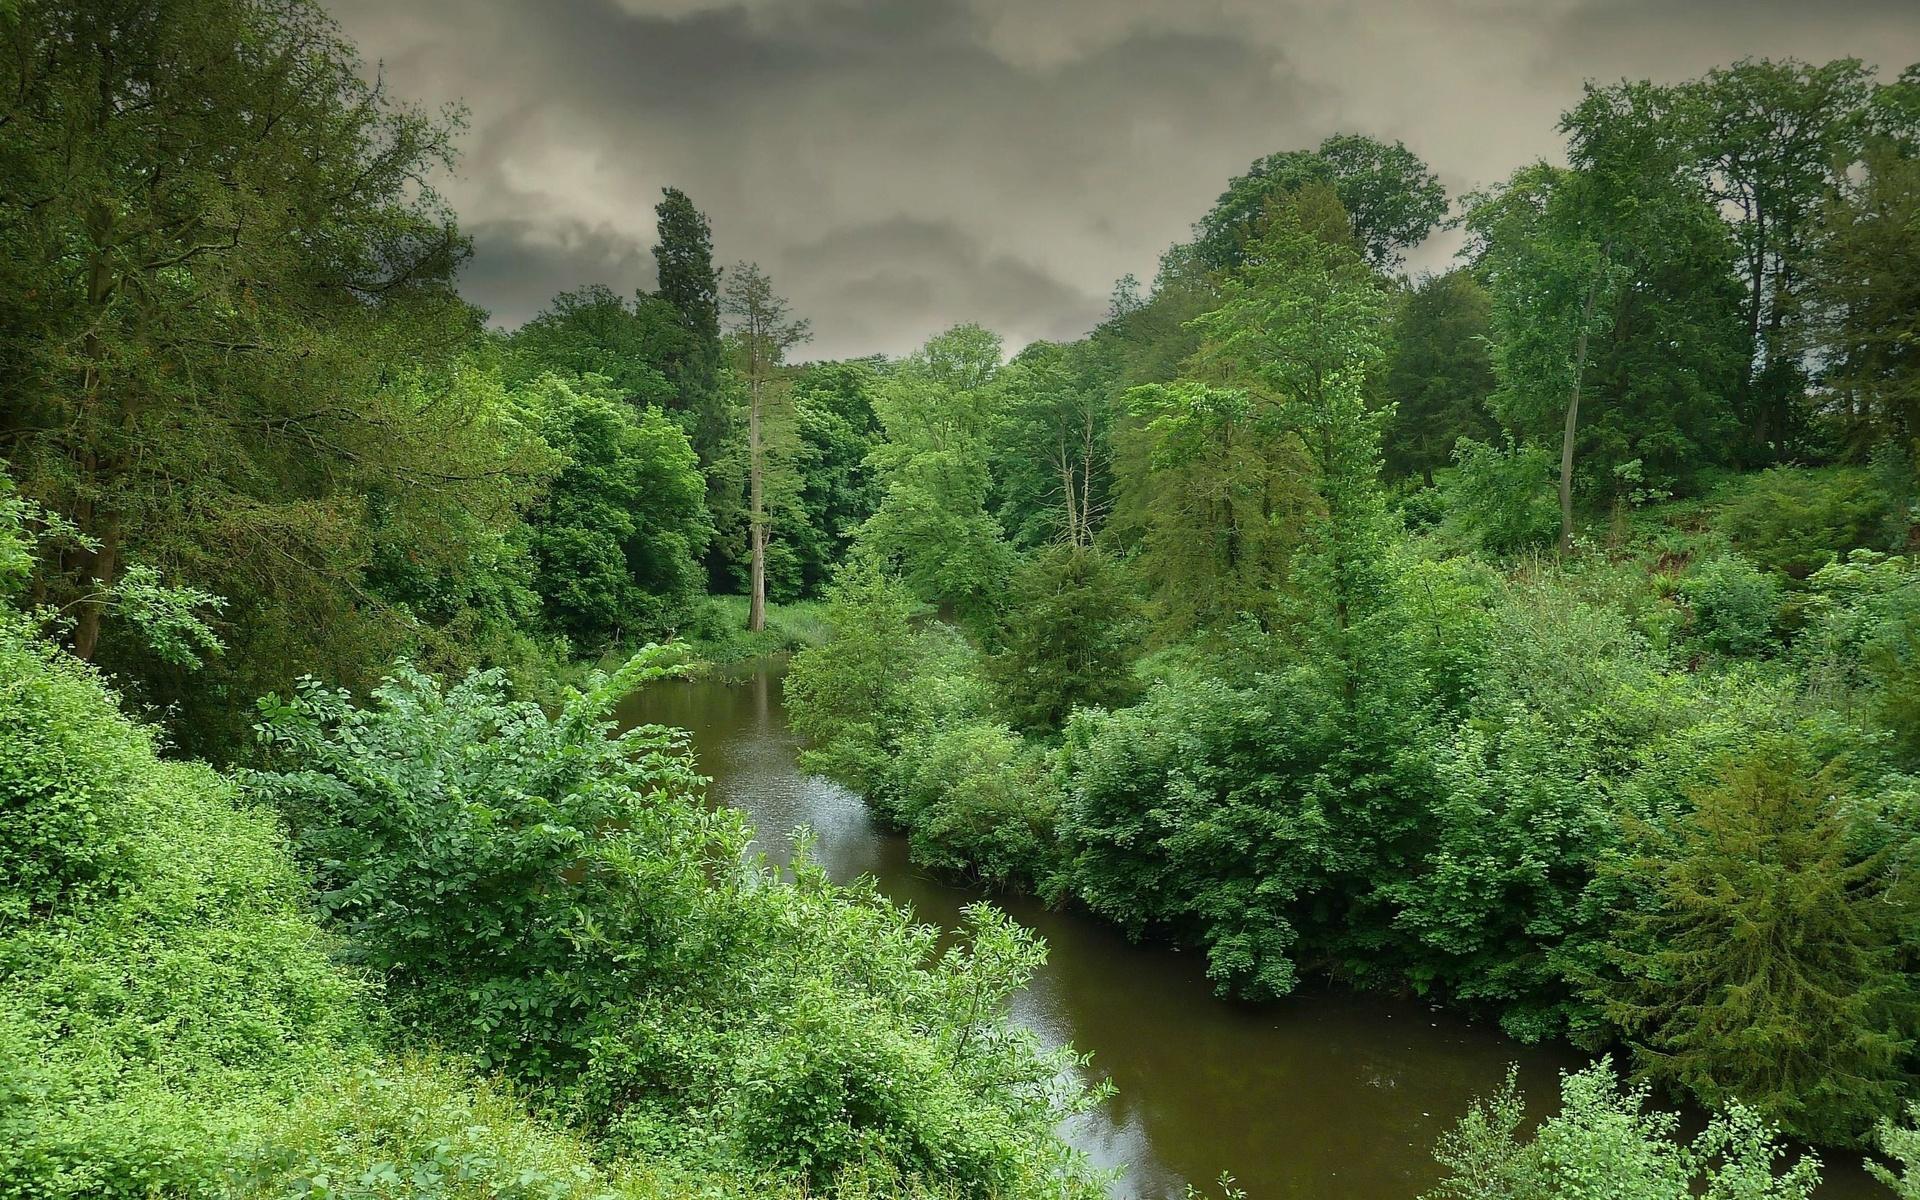 природа, лес, деревья, река, небо, серый, зелёный